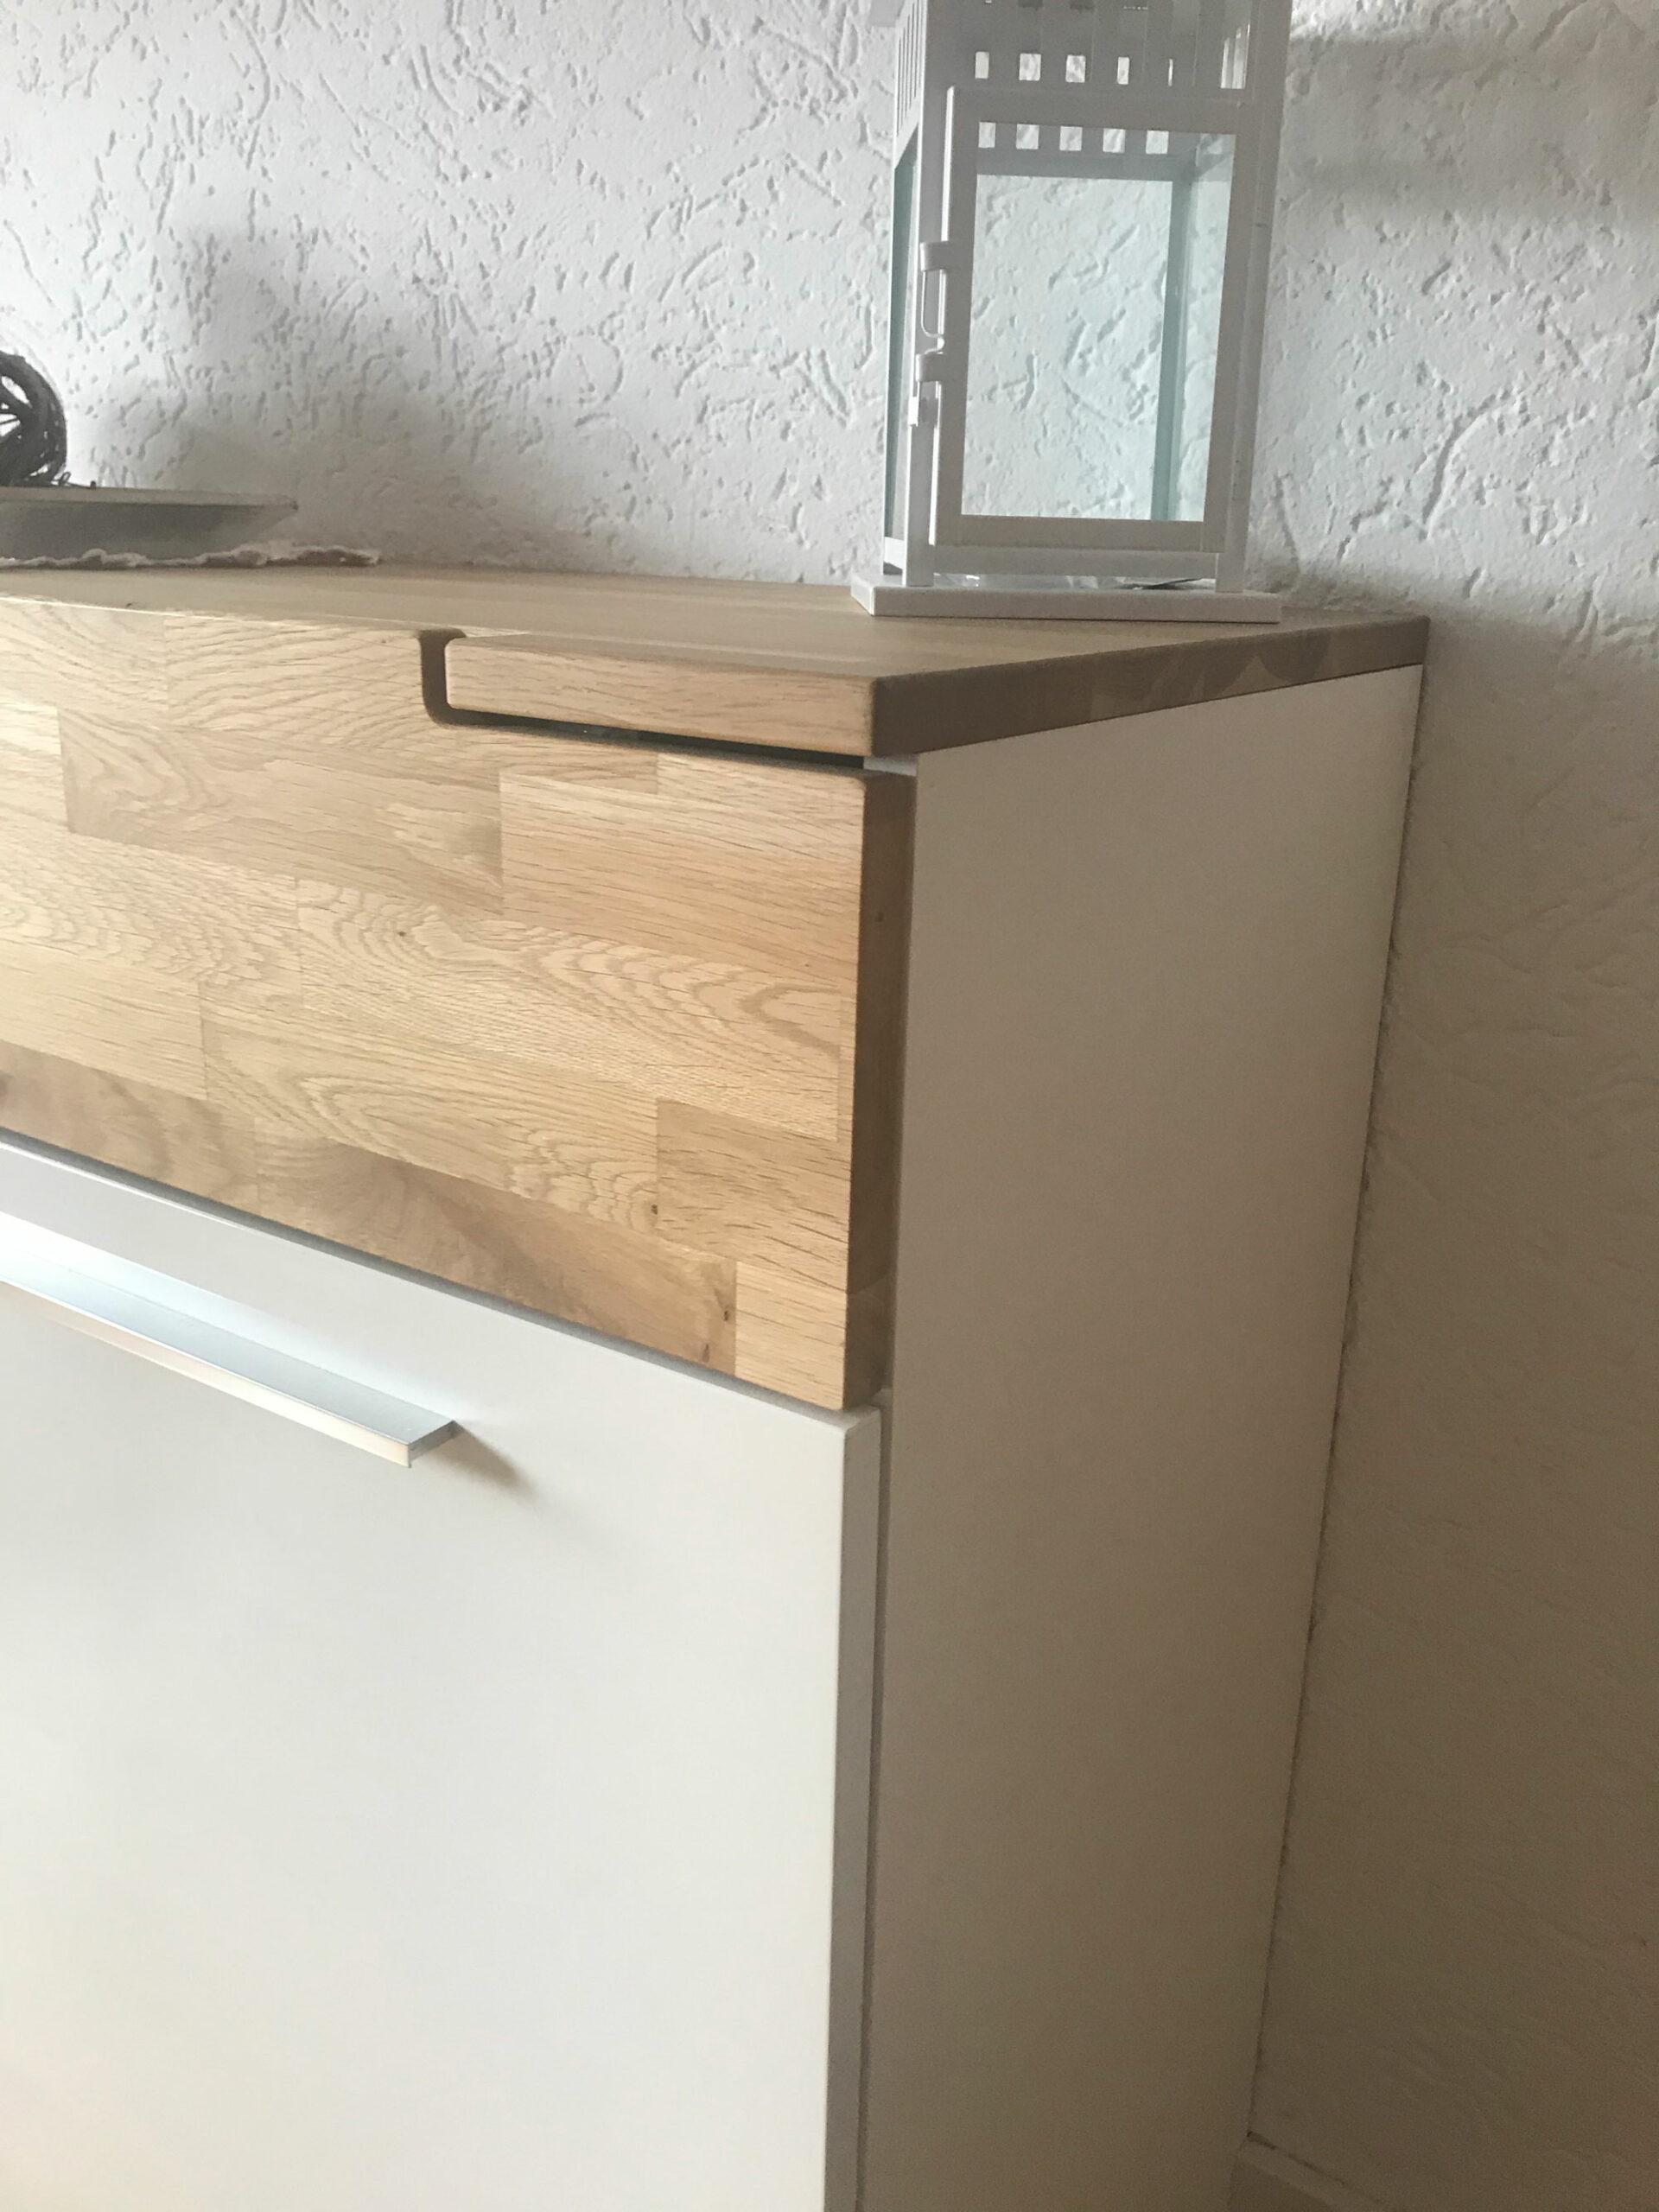 Sideboard Diele Eiche geölt und weiß lackiert